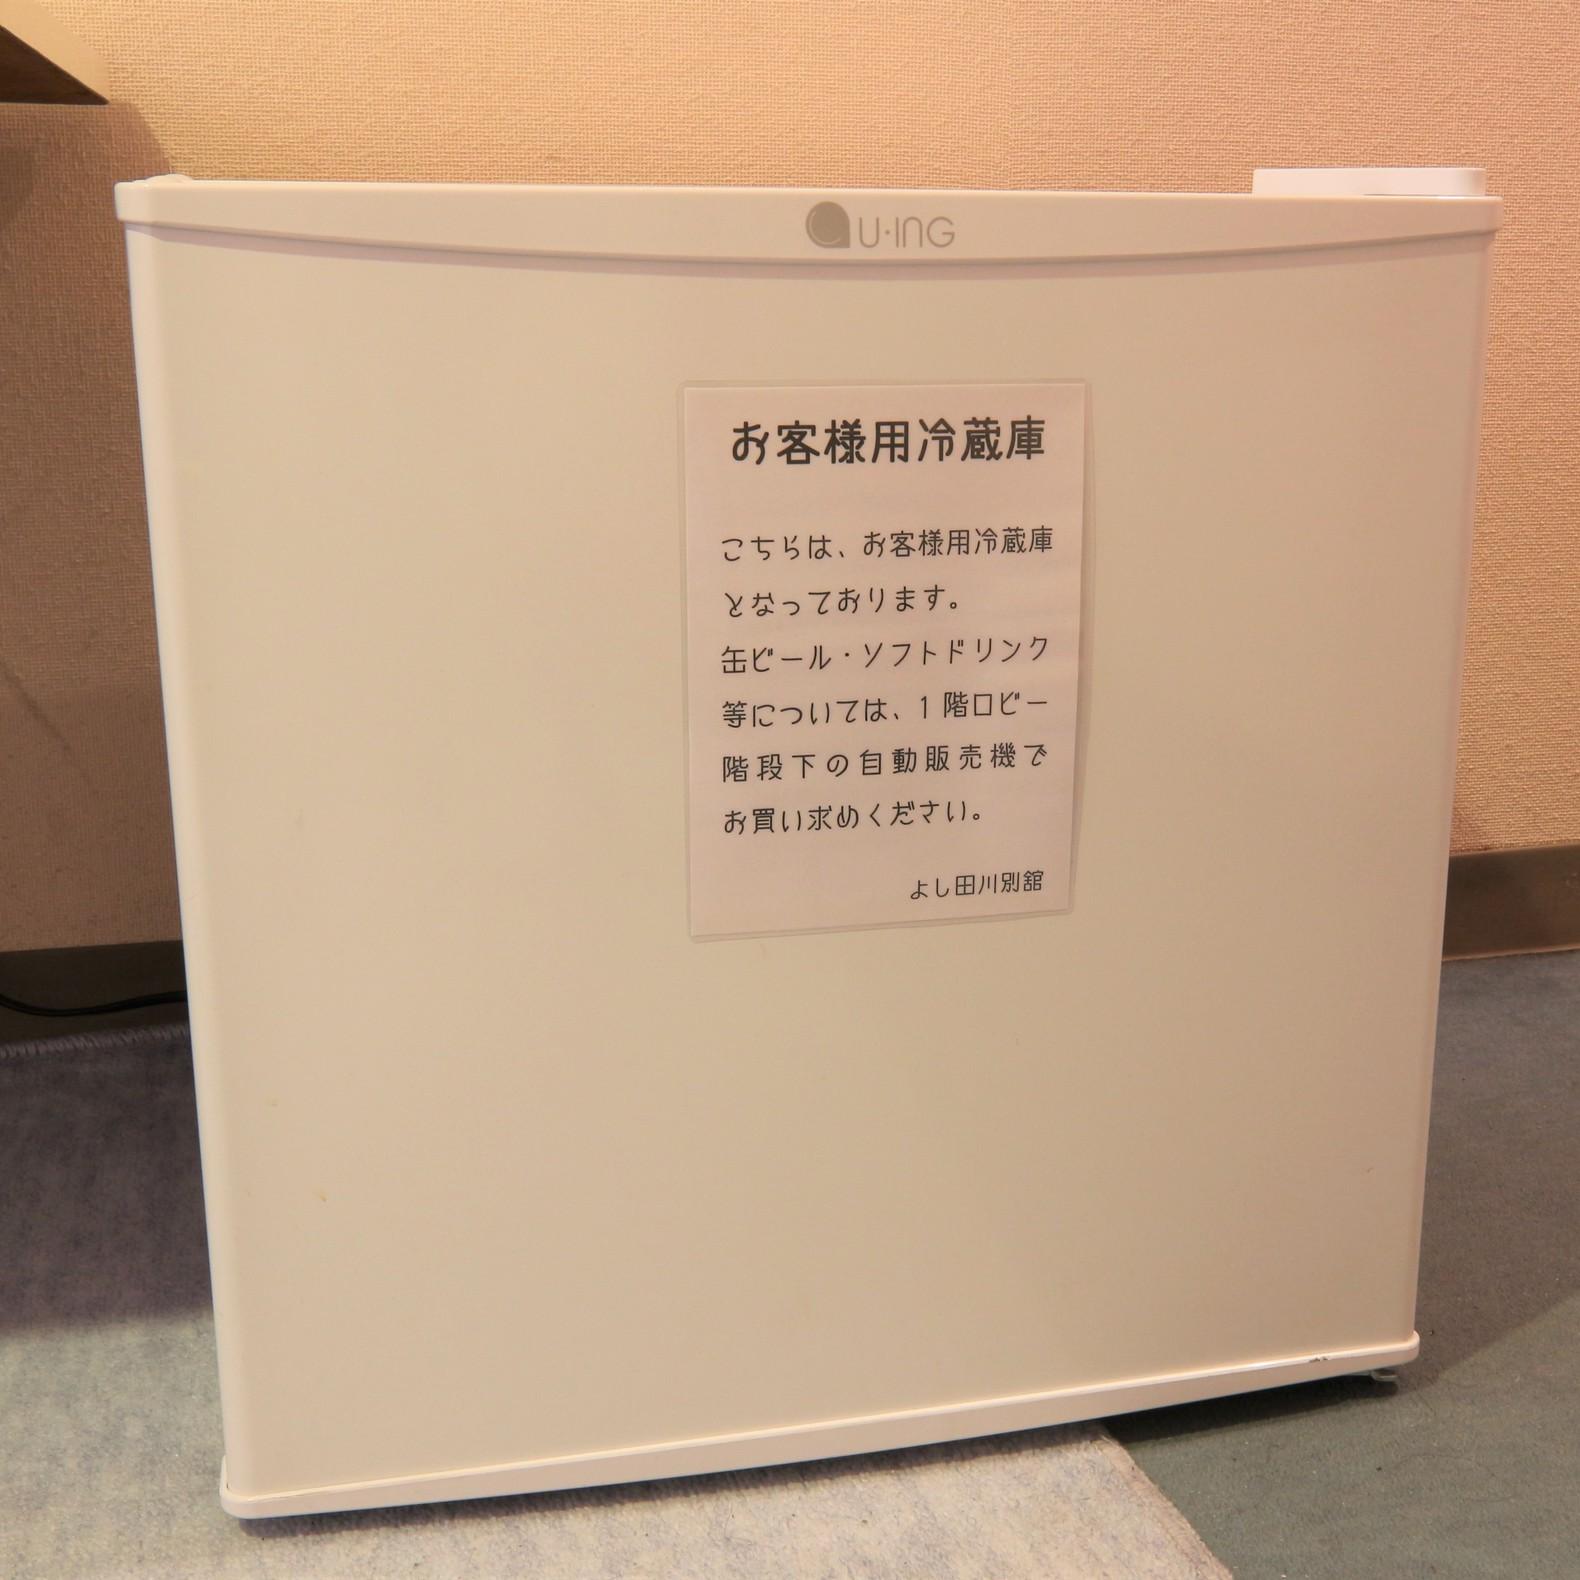 さくらんぼ東根温泉 よし田川別館 関連画像 4枚目 楽天トラベル提供